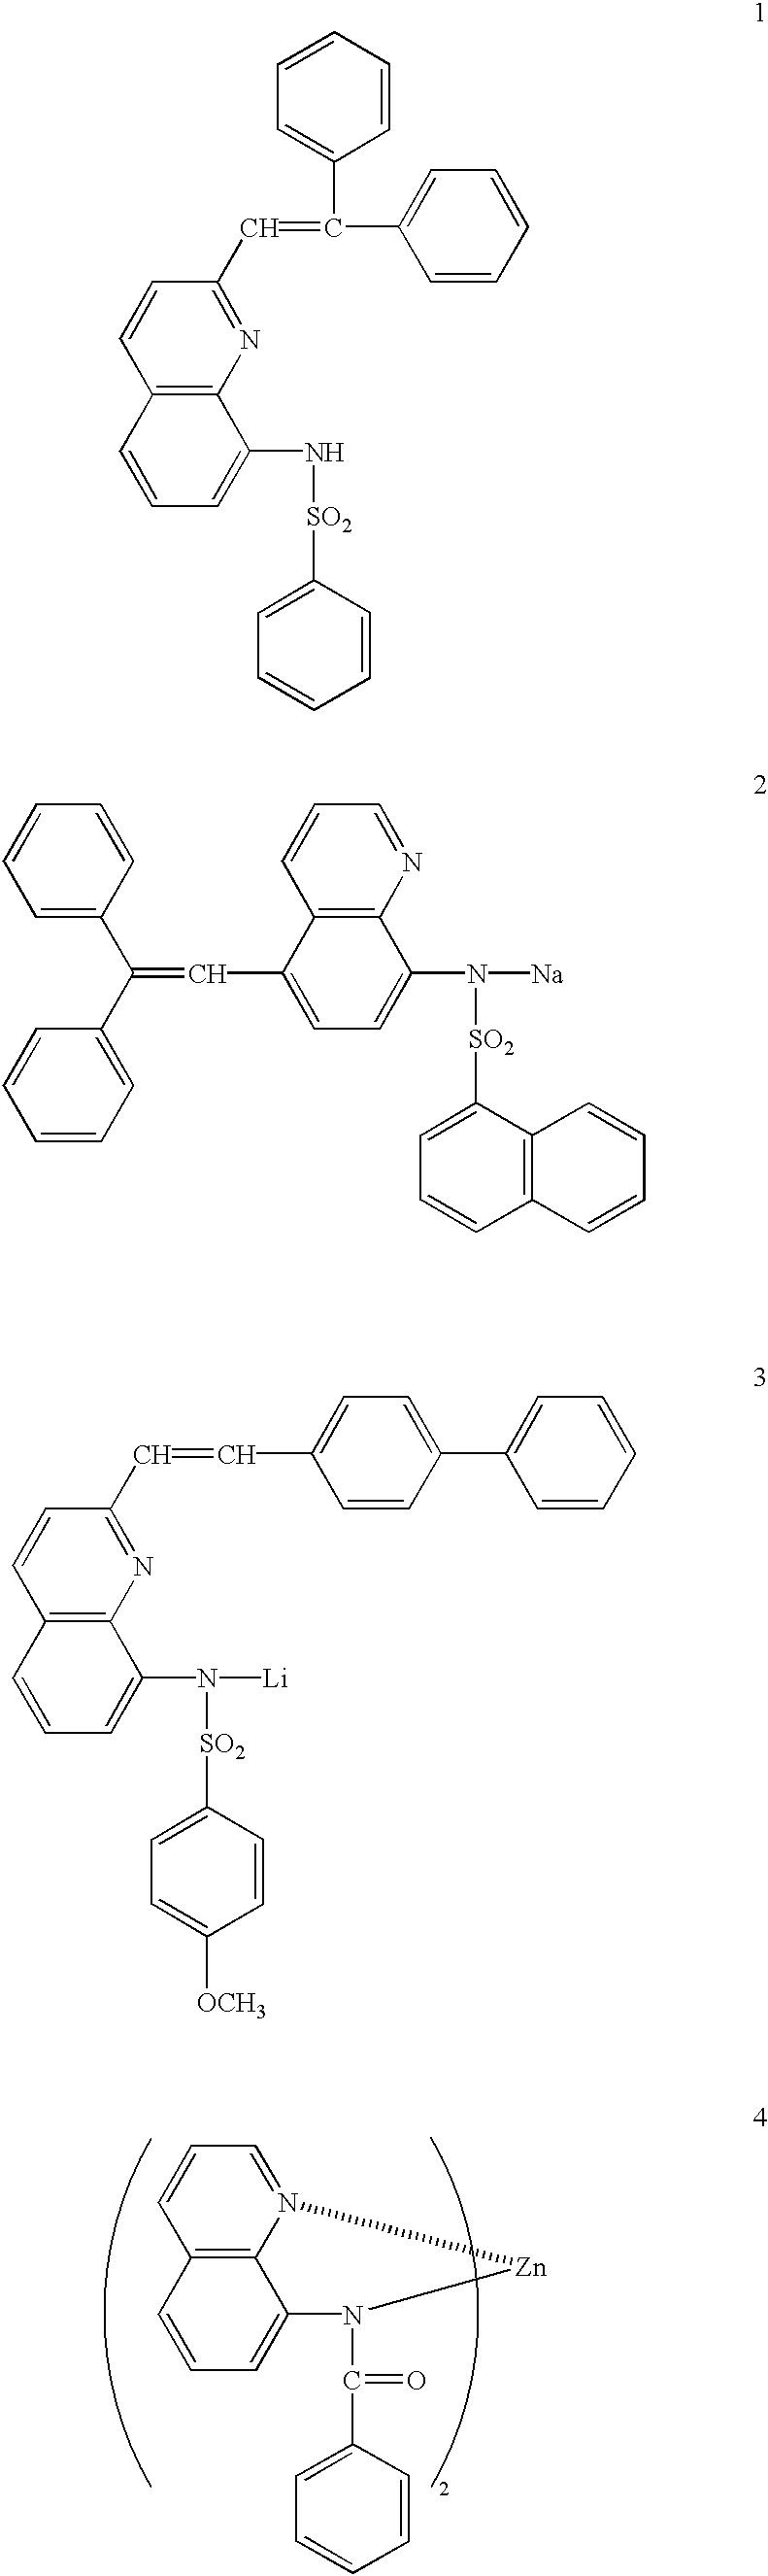 Figure US06528187-20030304-C00020